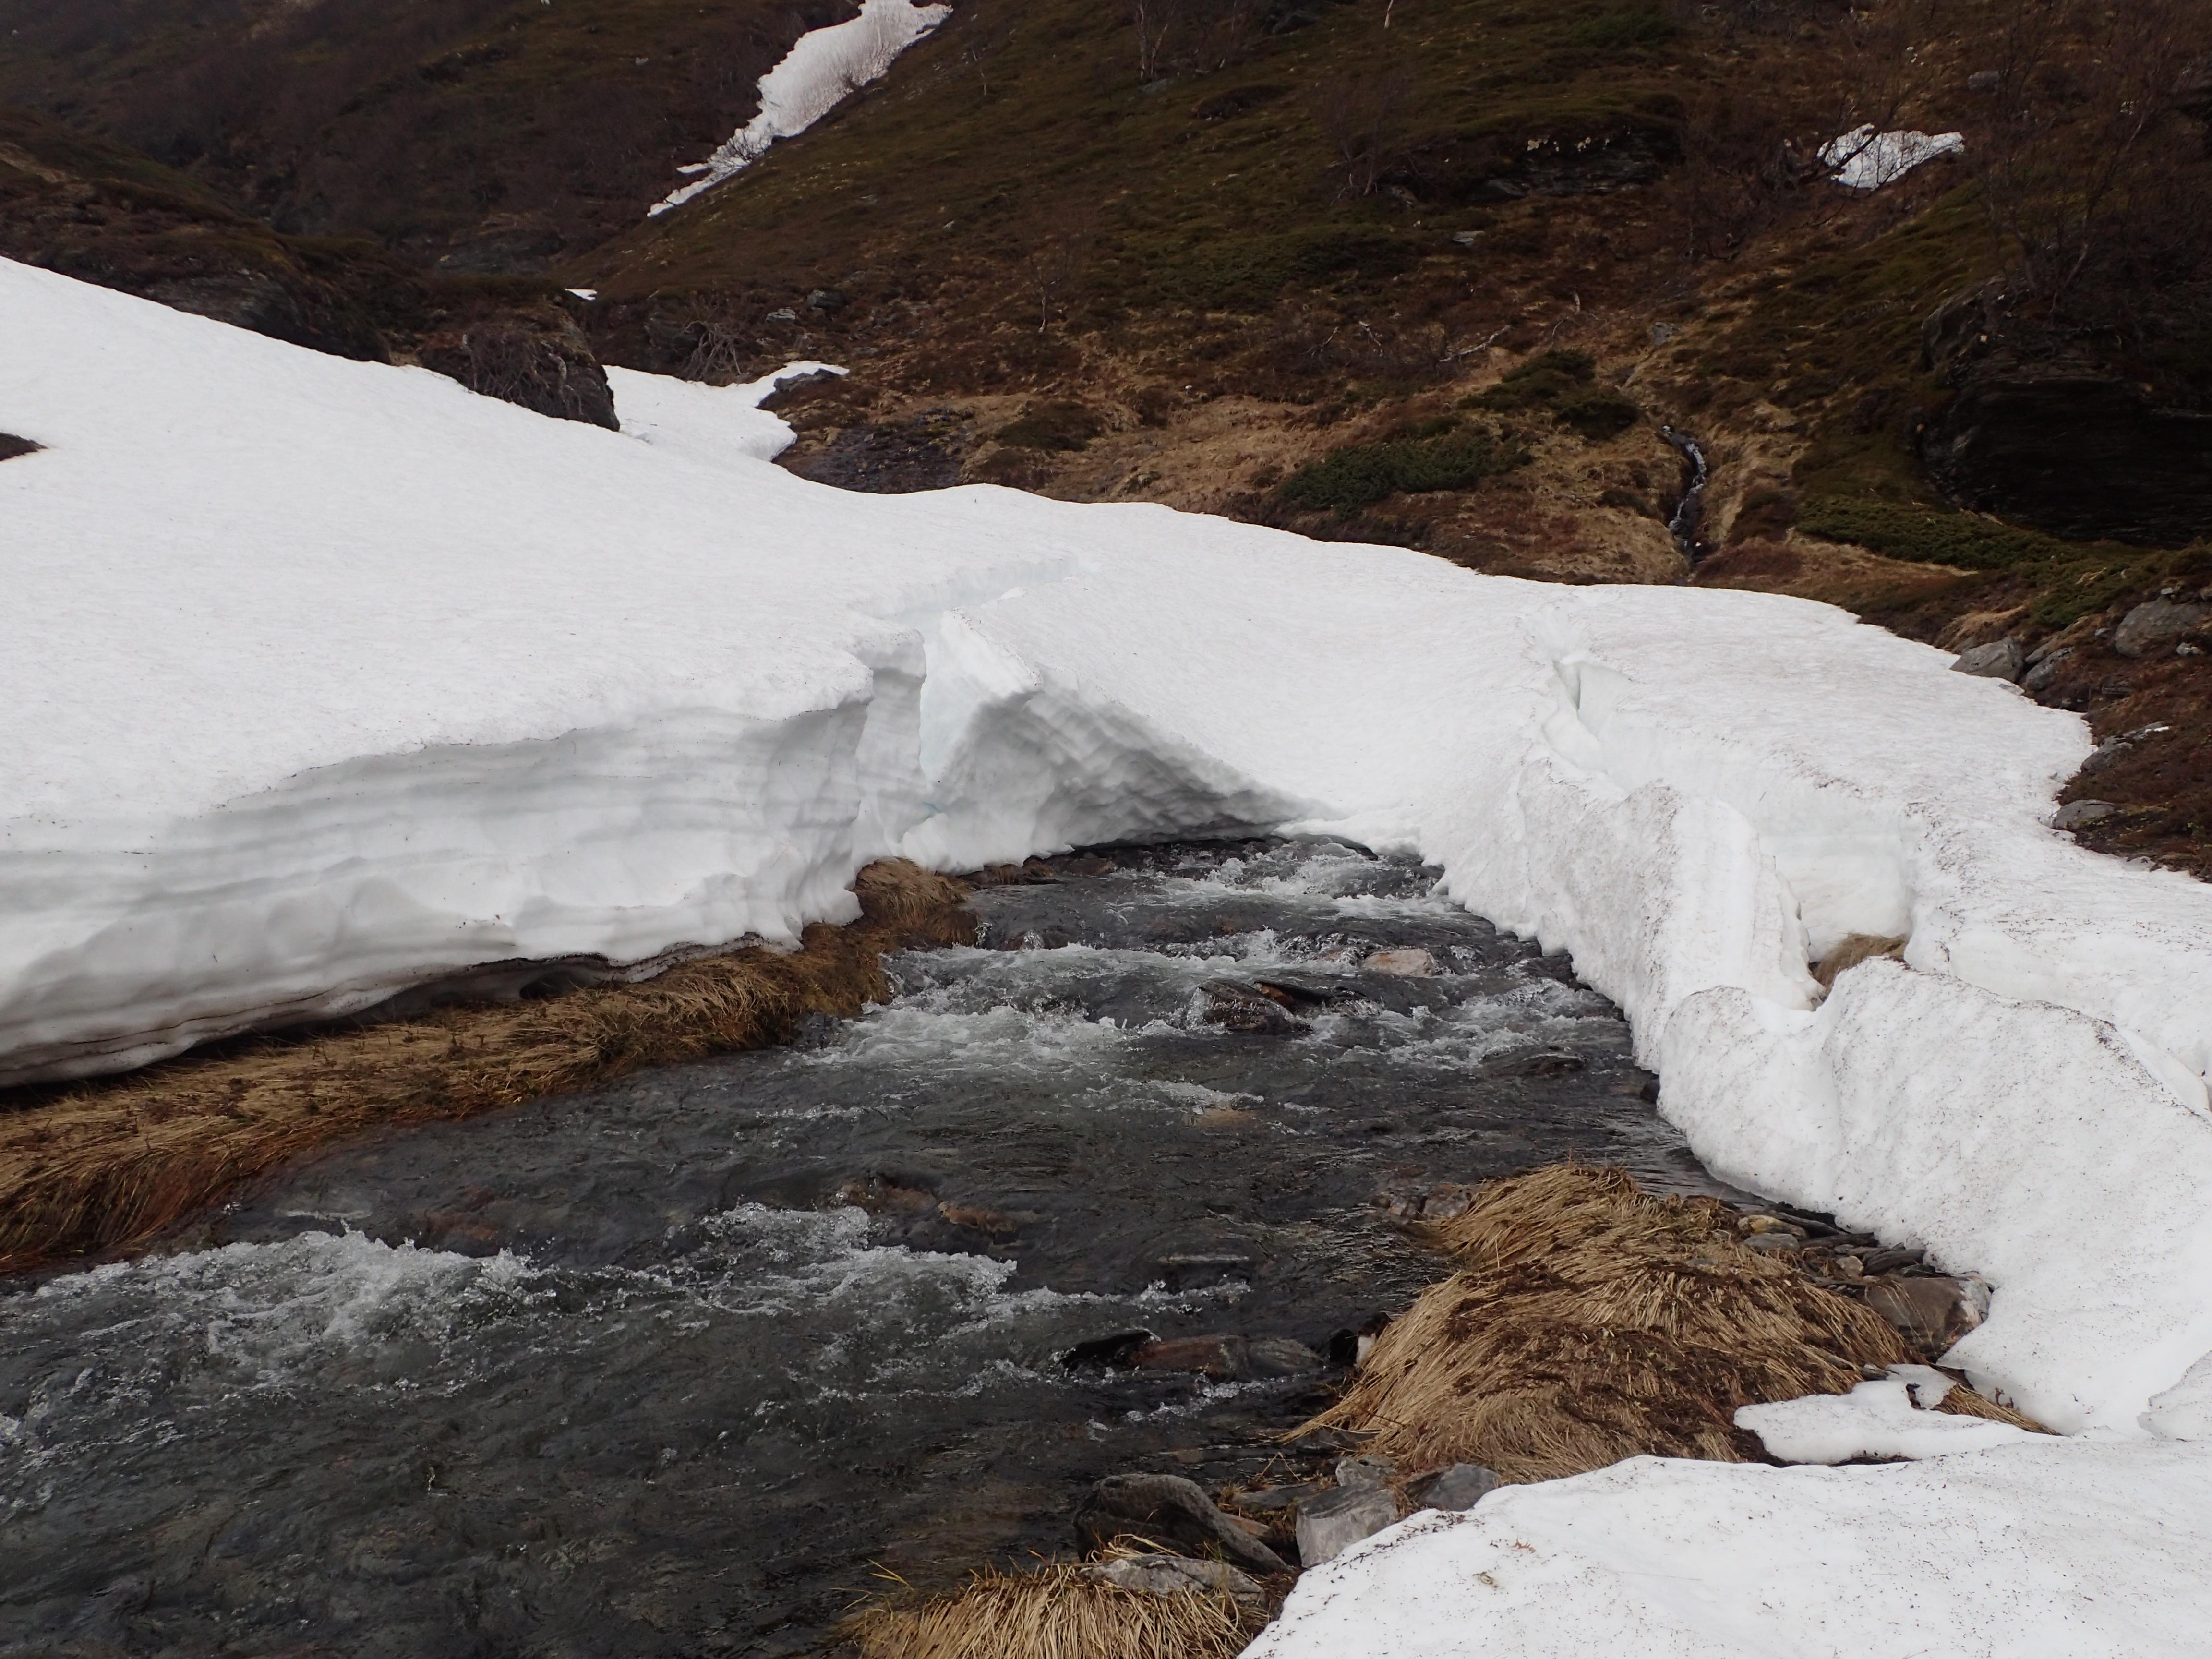 das Schmelzwasser kommt in großen Mengen unter dem Schnee hervor